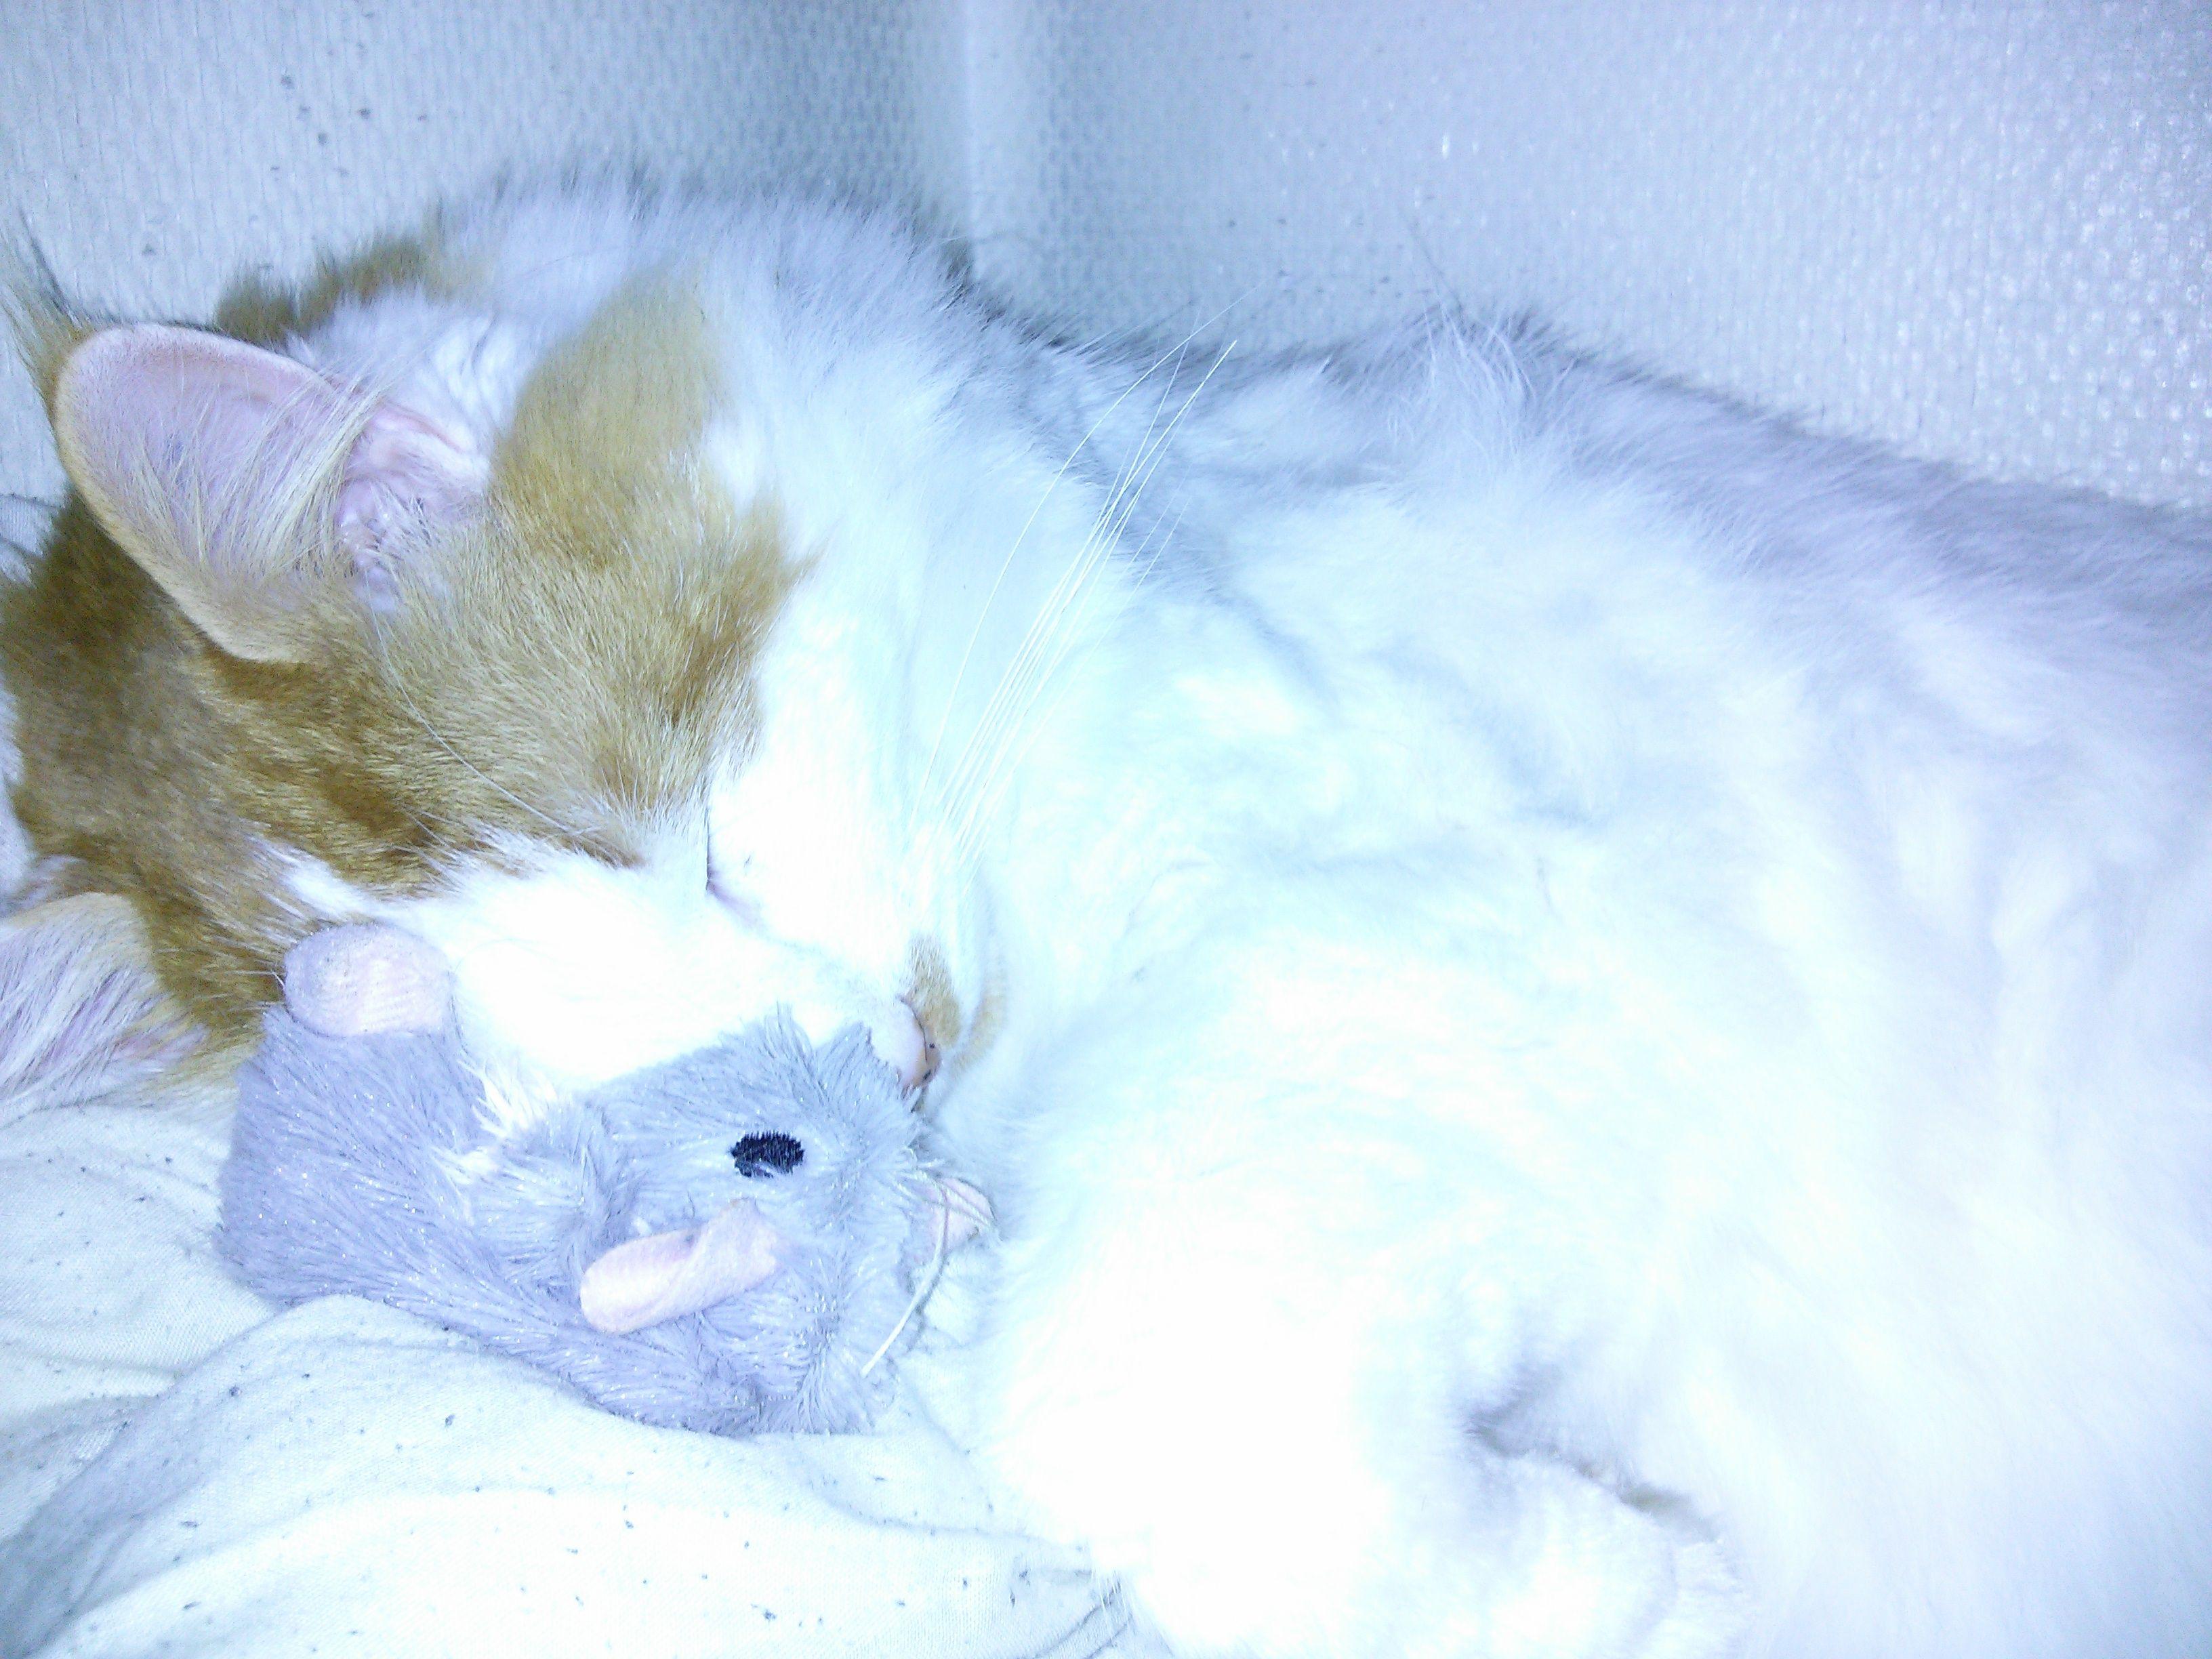 Hvit katt i flombelysning fra LED-blitzen.